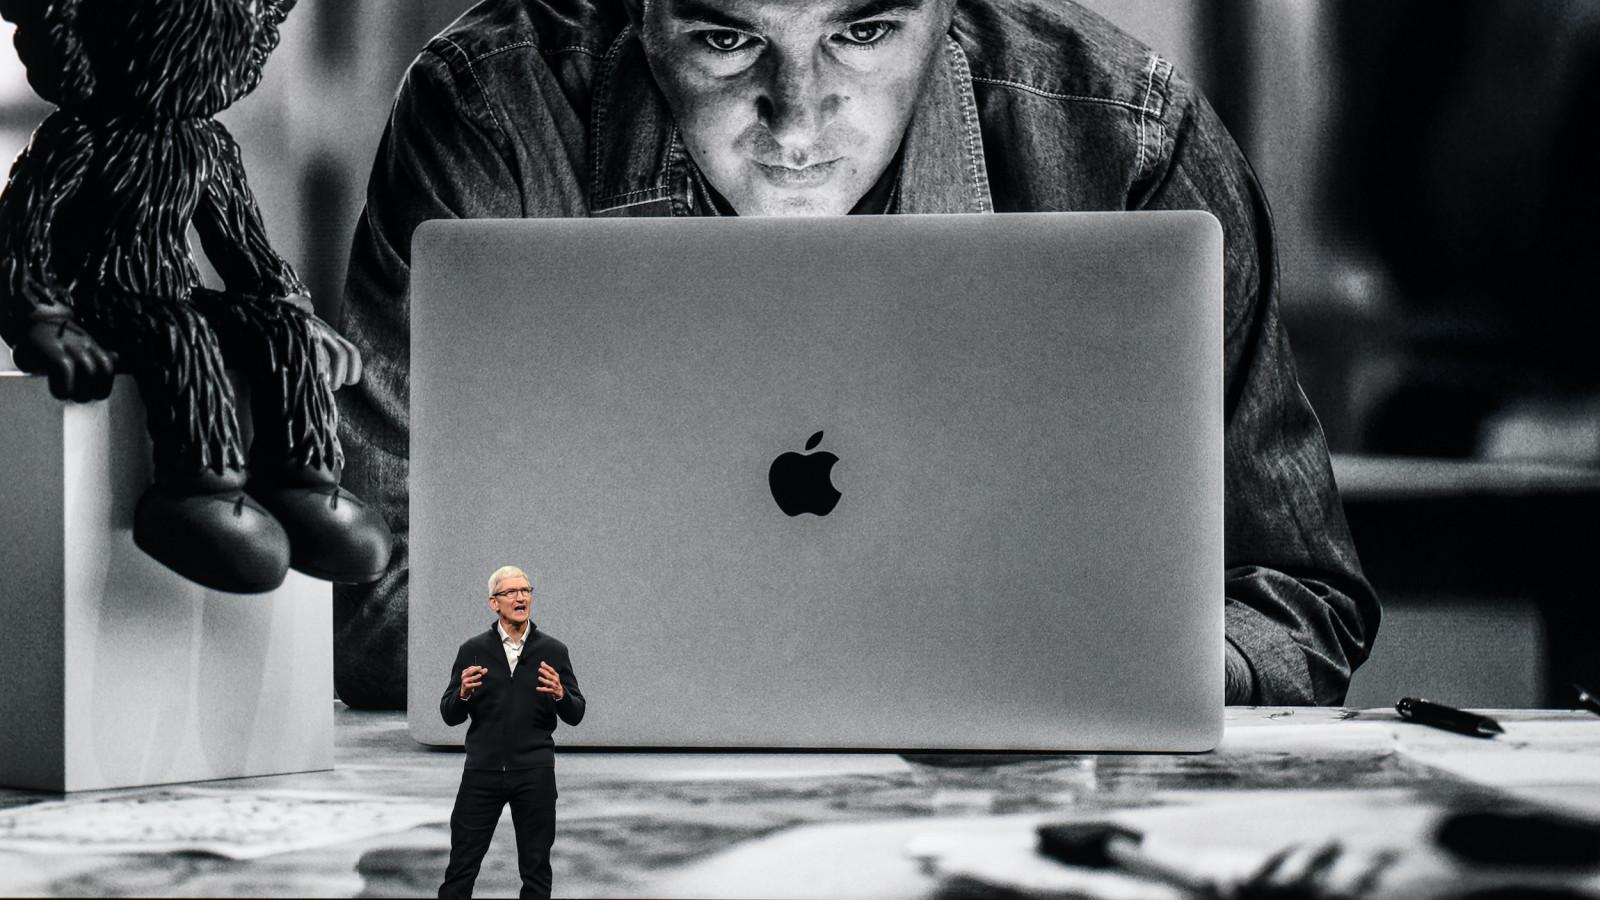 Das Macbook soll sich grundlegend verändern